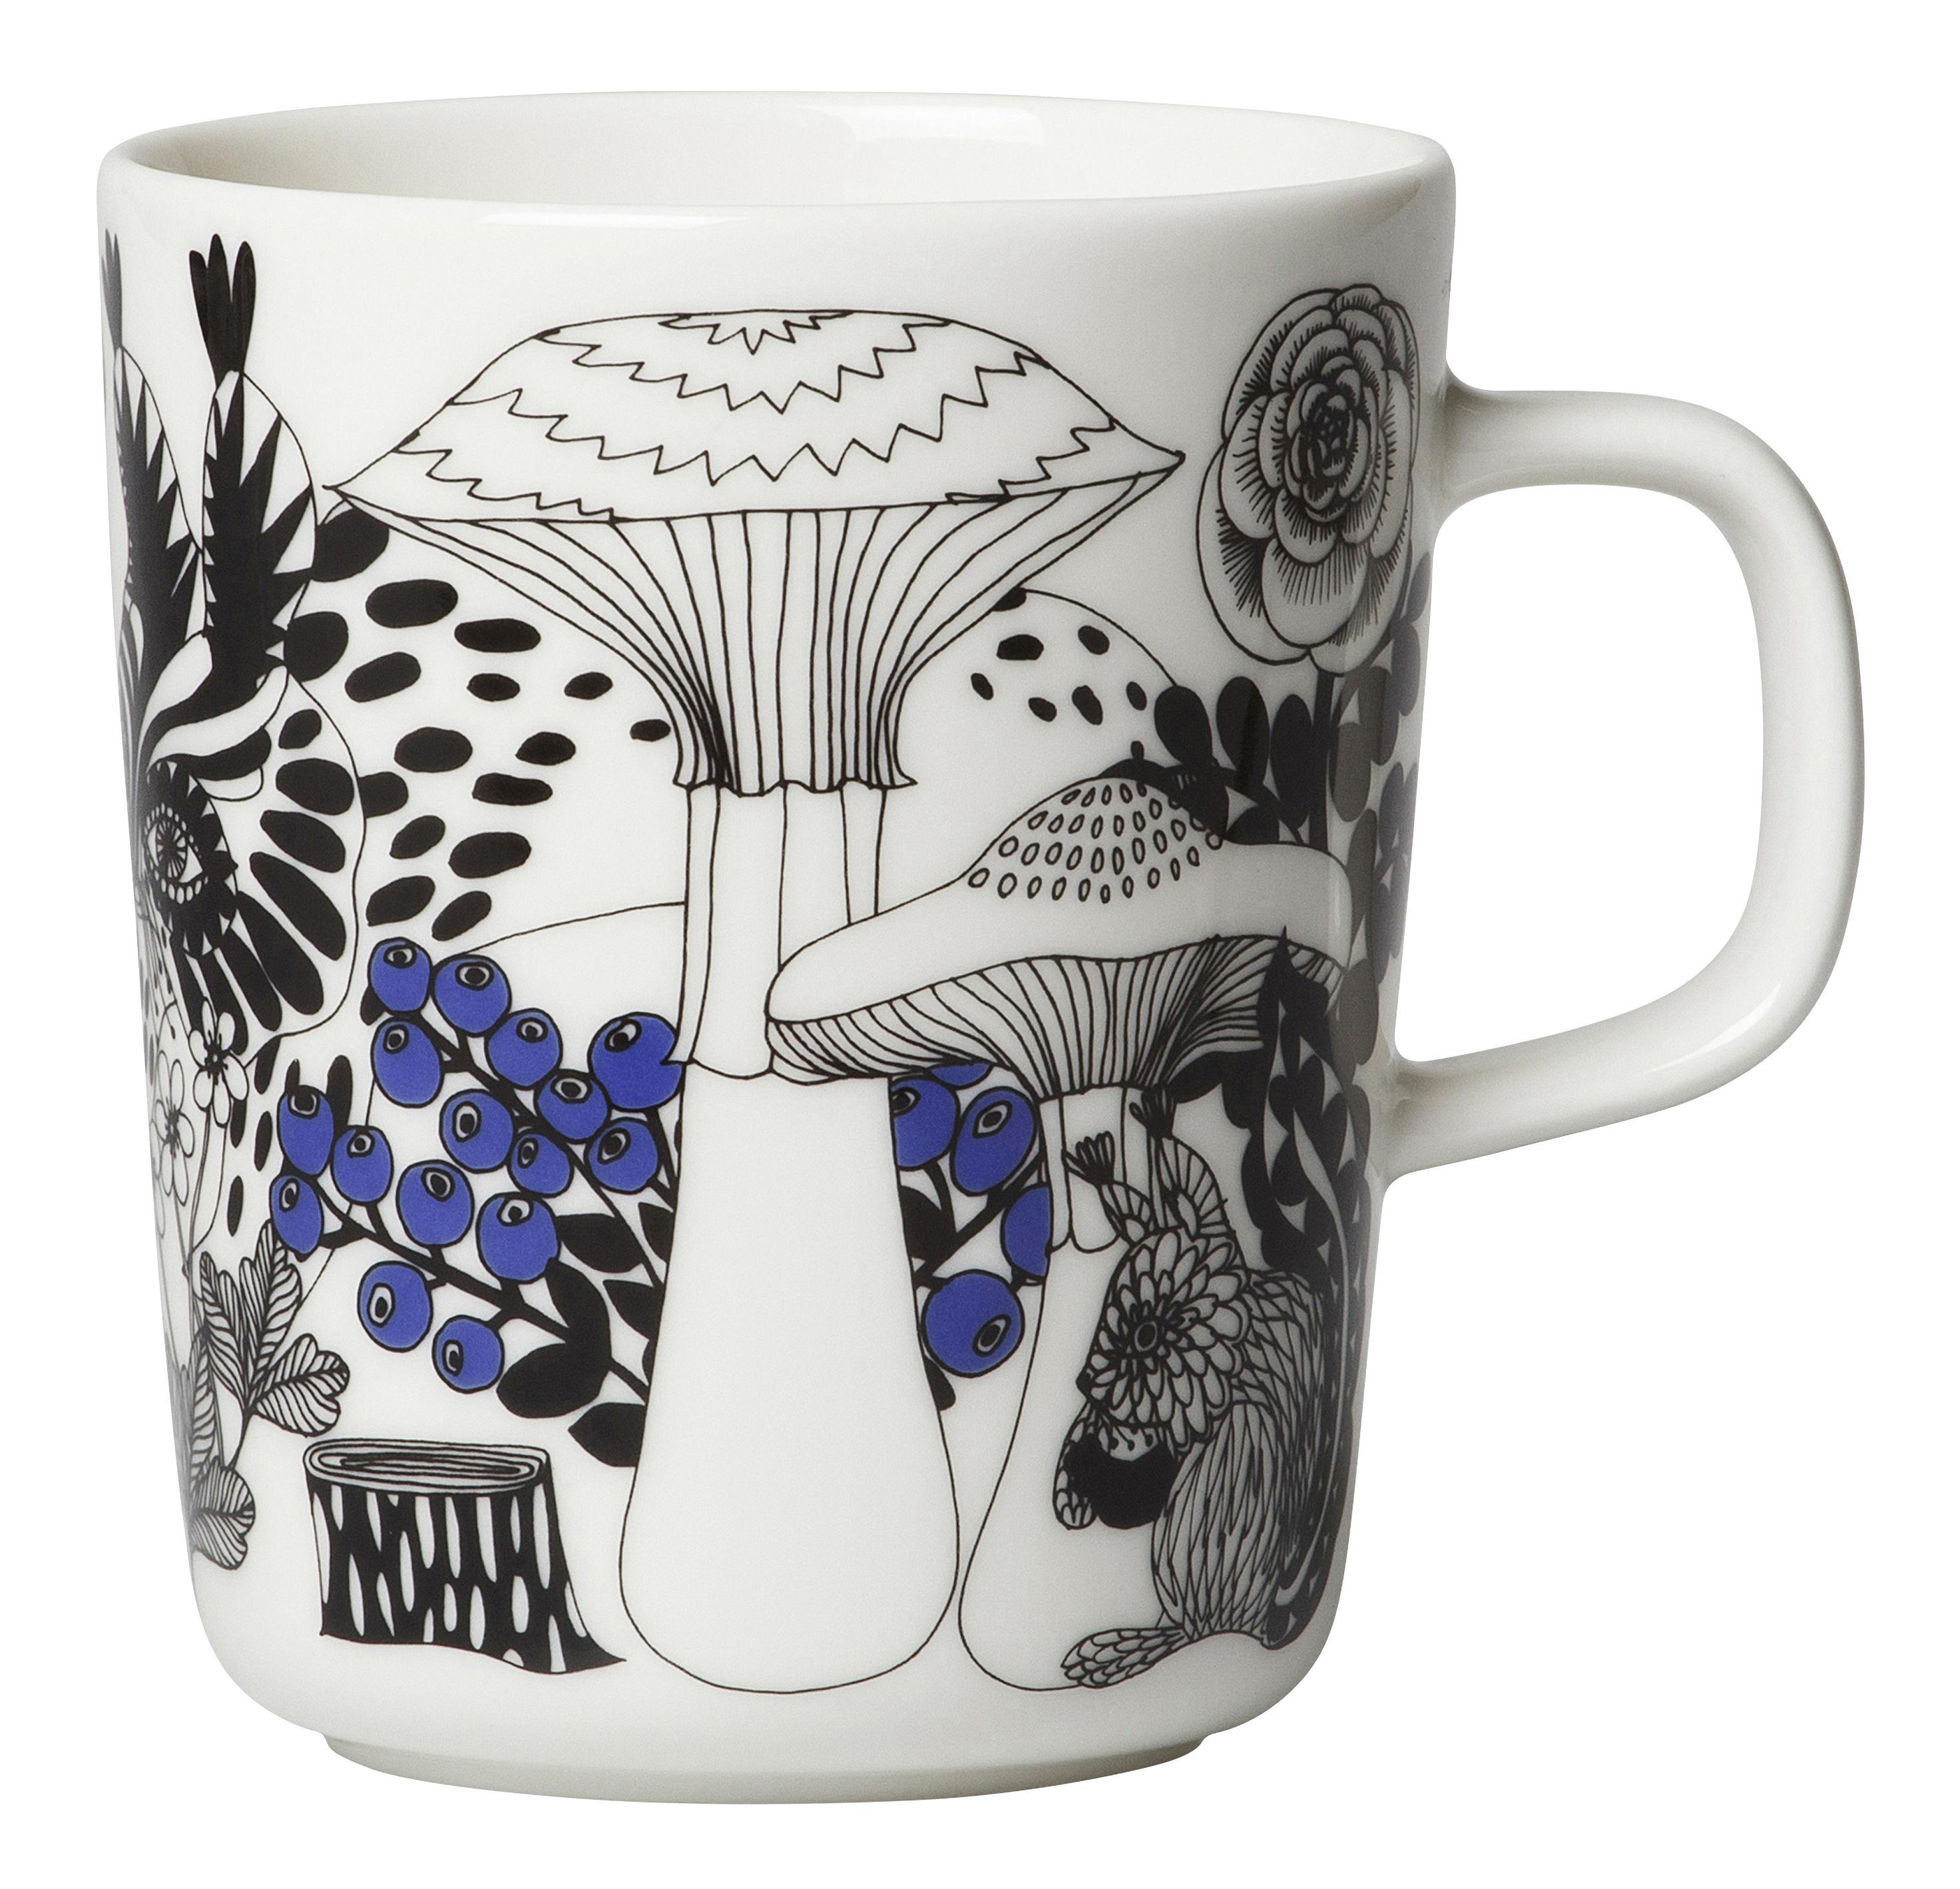 Arts de la table - Tasses et mugs - Mug Veljekset / 25 cl - Marimekko - Veljekset / Noir & Bleu - Grès